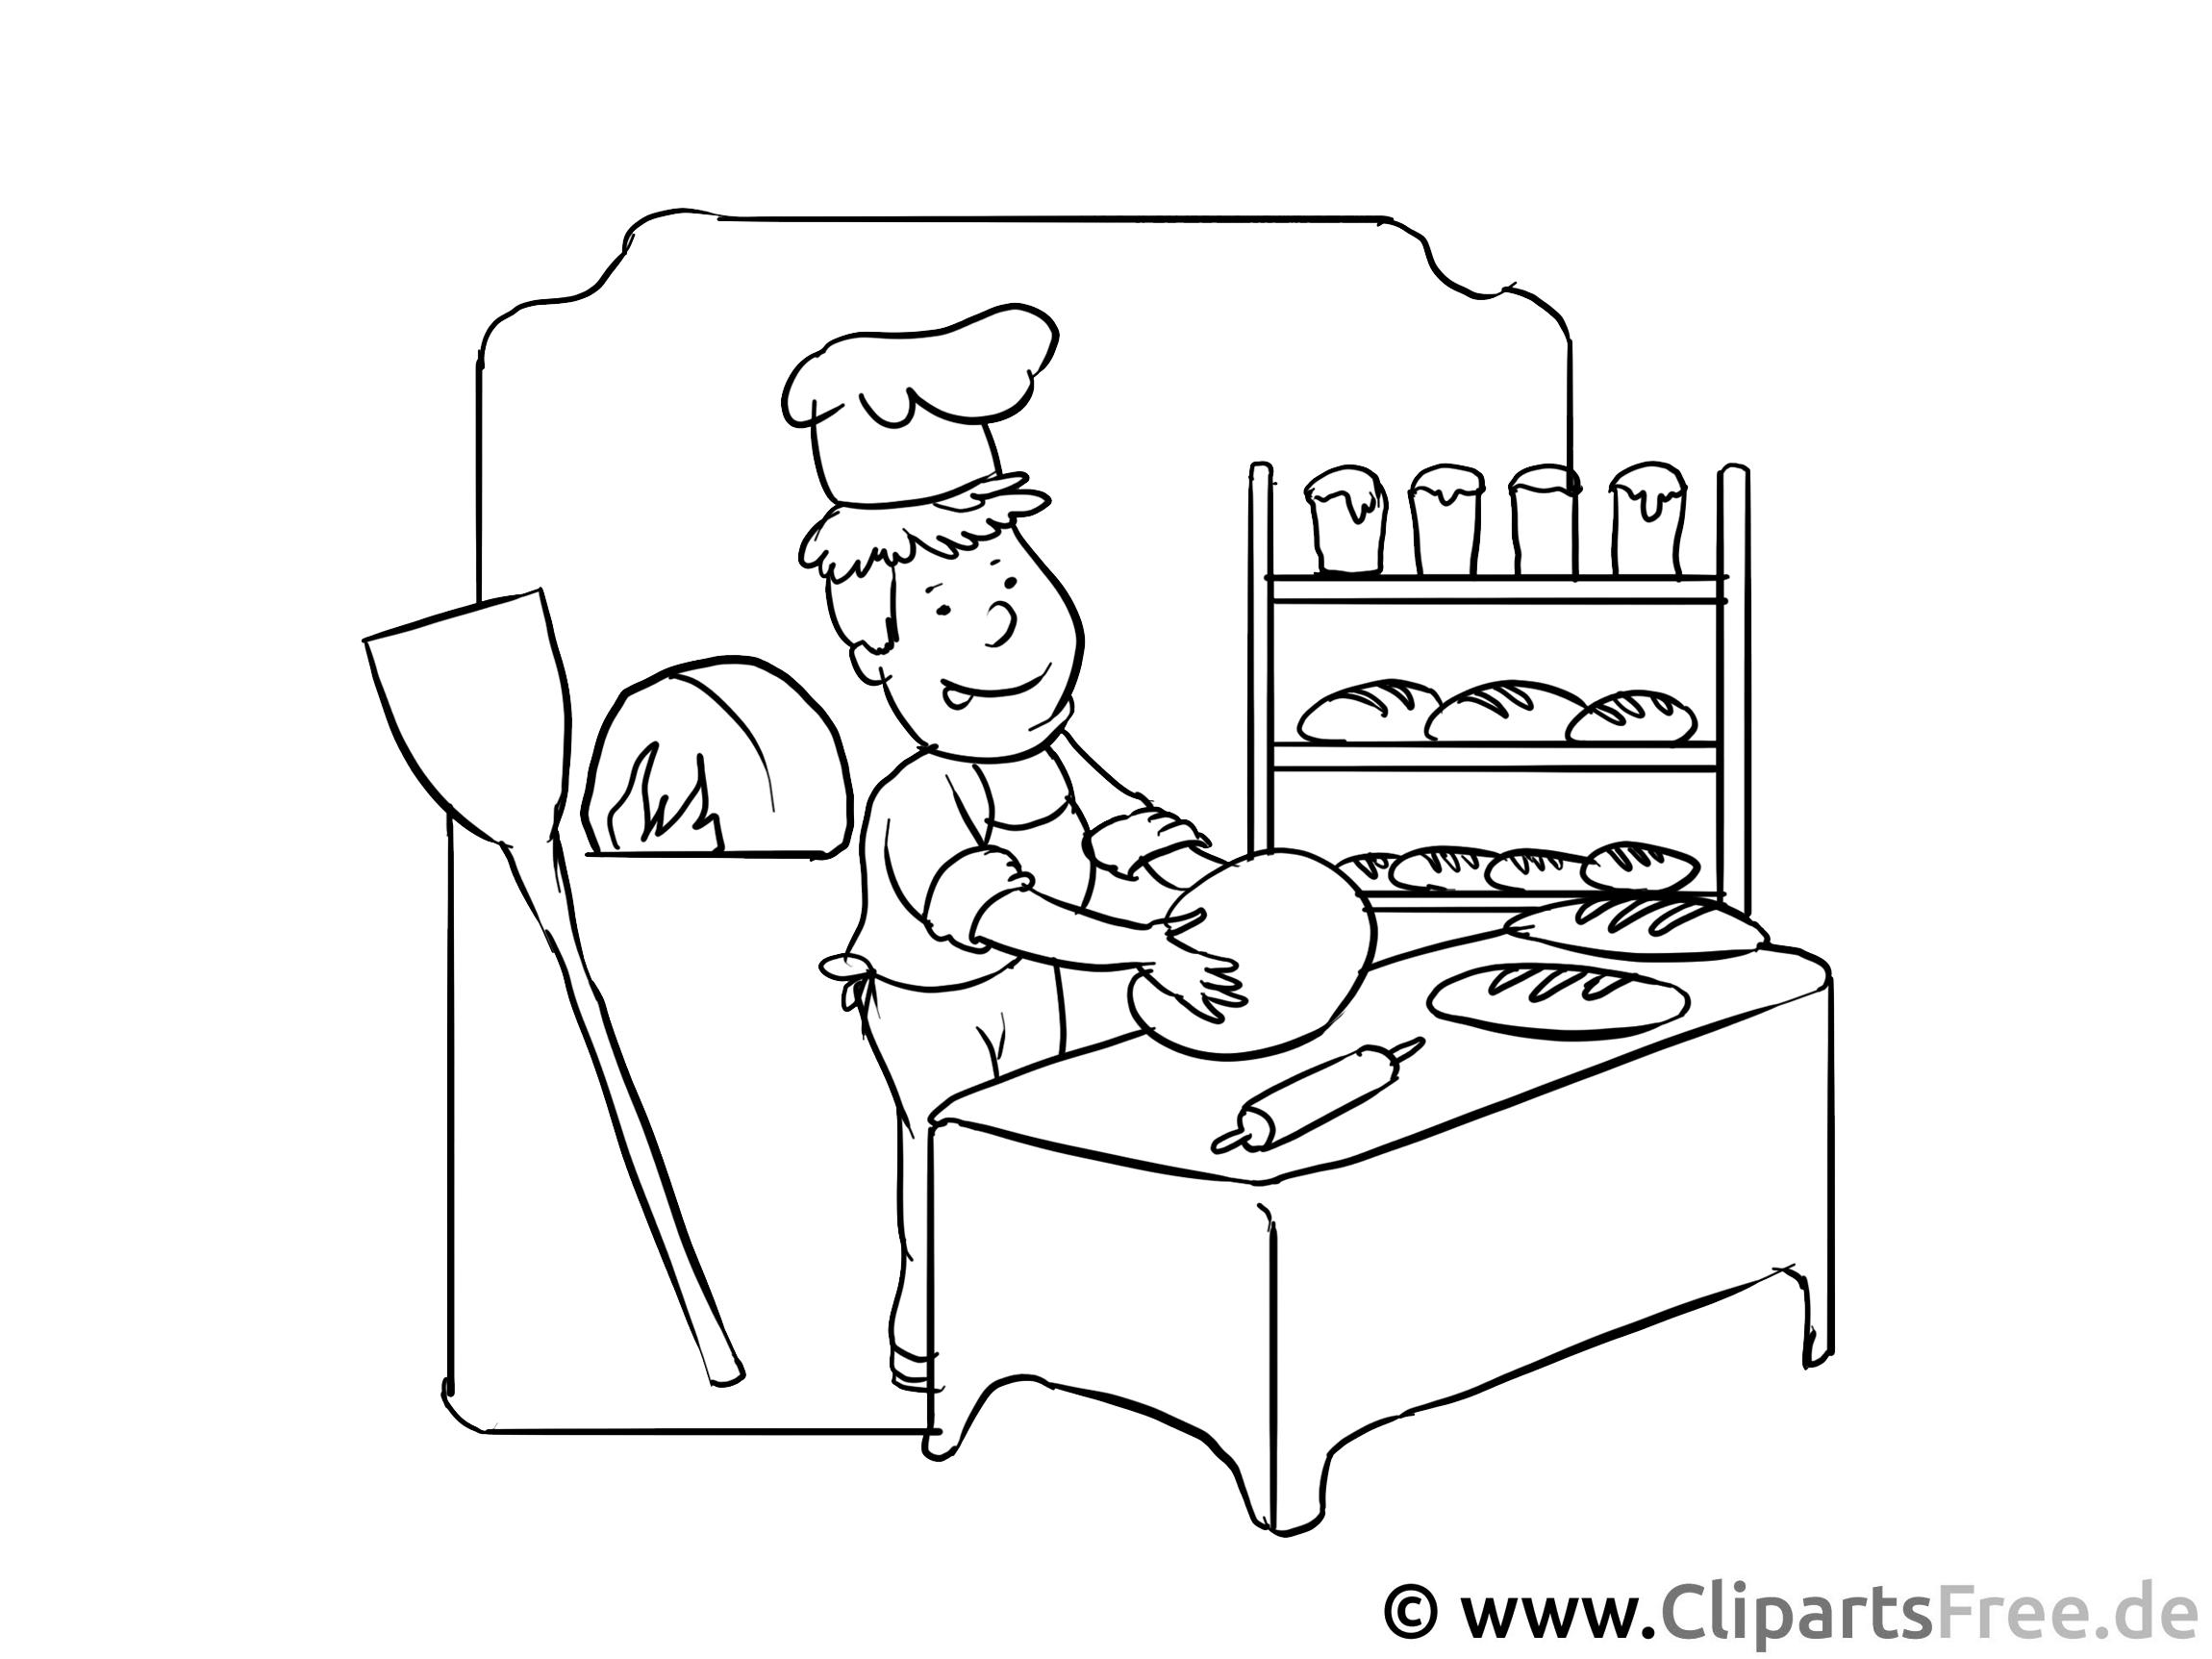 Konditor, Bäcker - Malvorlagen Berufe